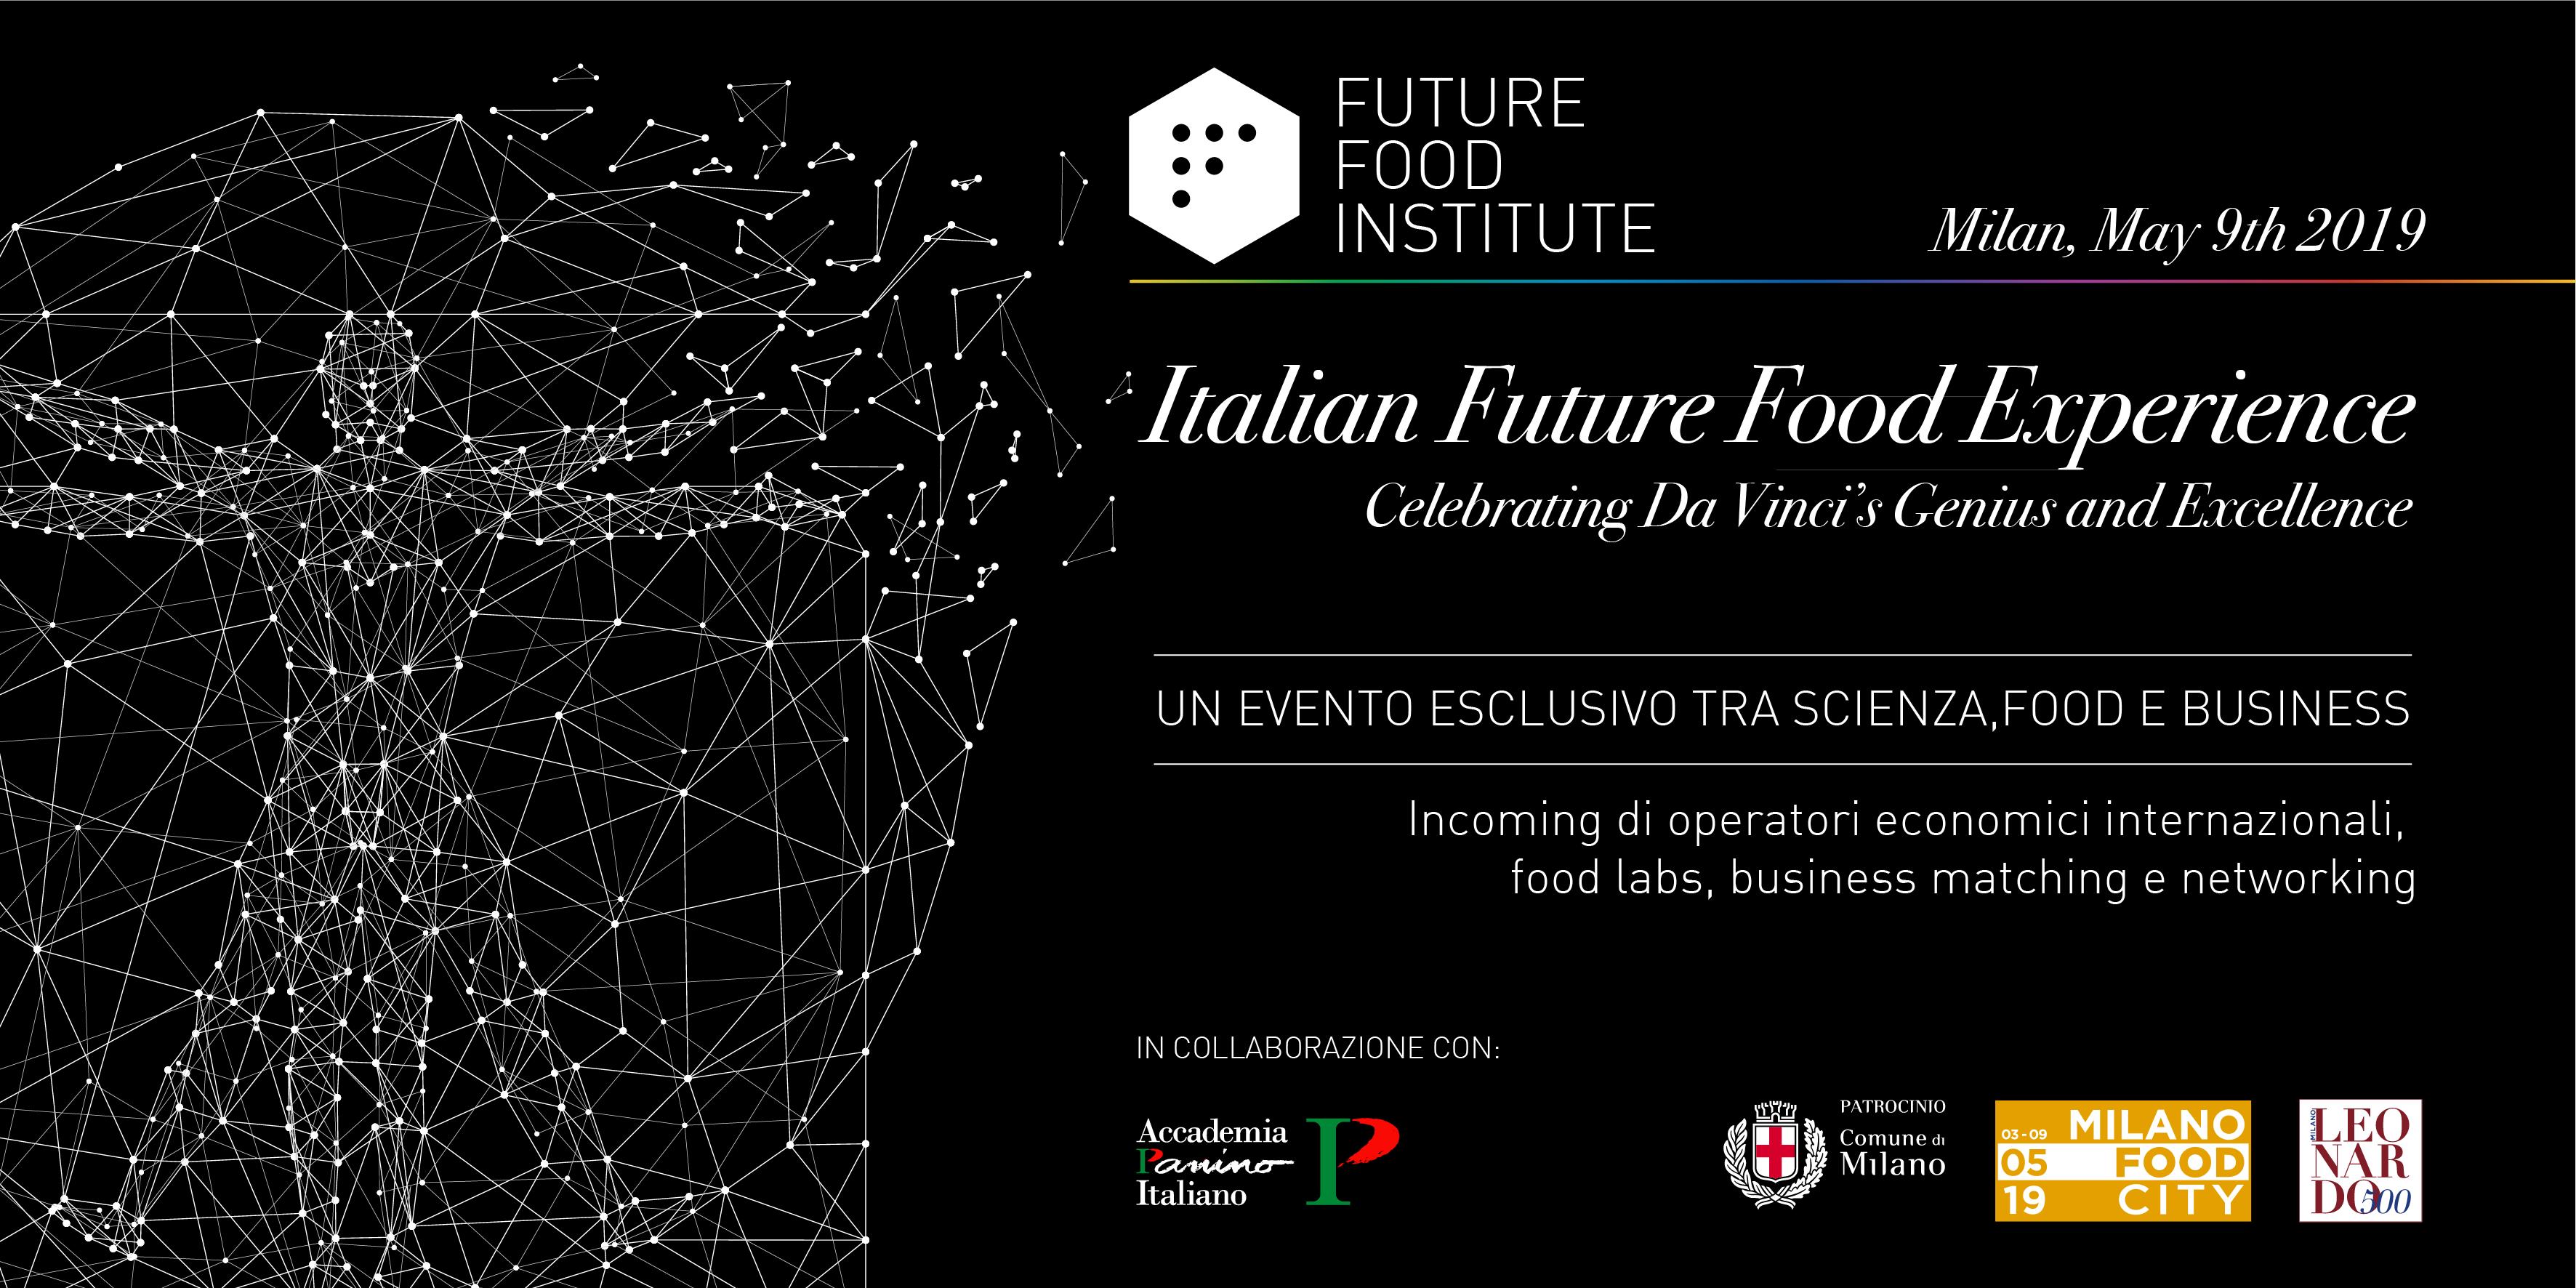 Al via l'Italian Future Food Experience: dal 9 al 15 maggio l'Italia della food innovation incontra investitori esteri